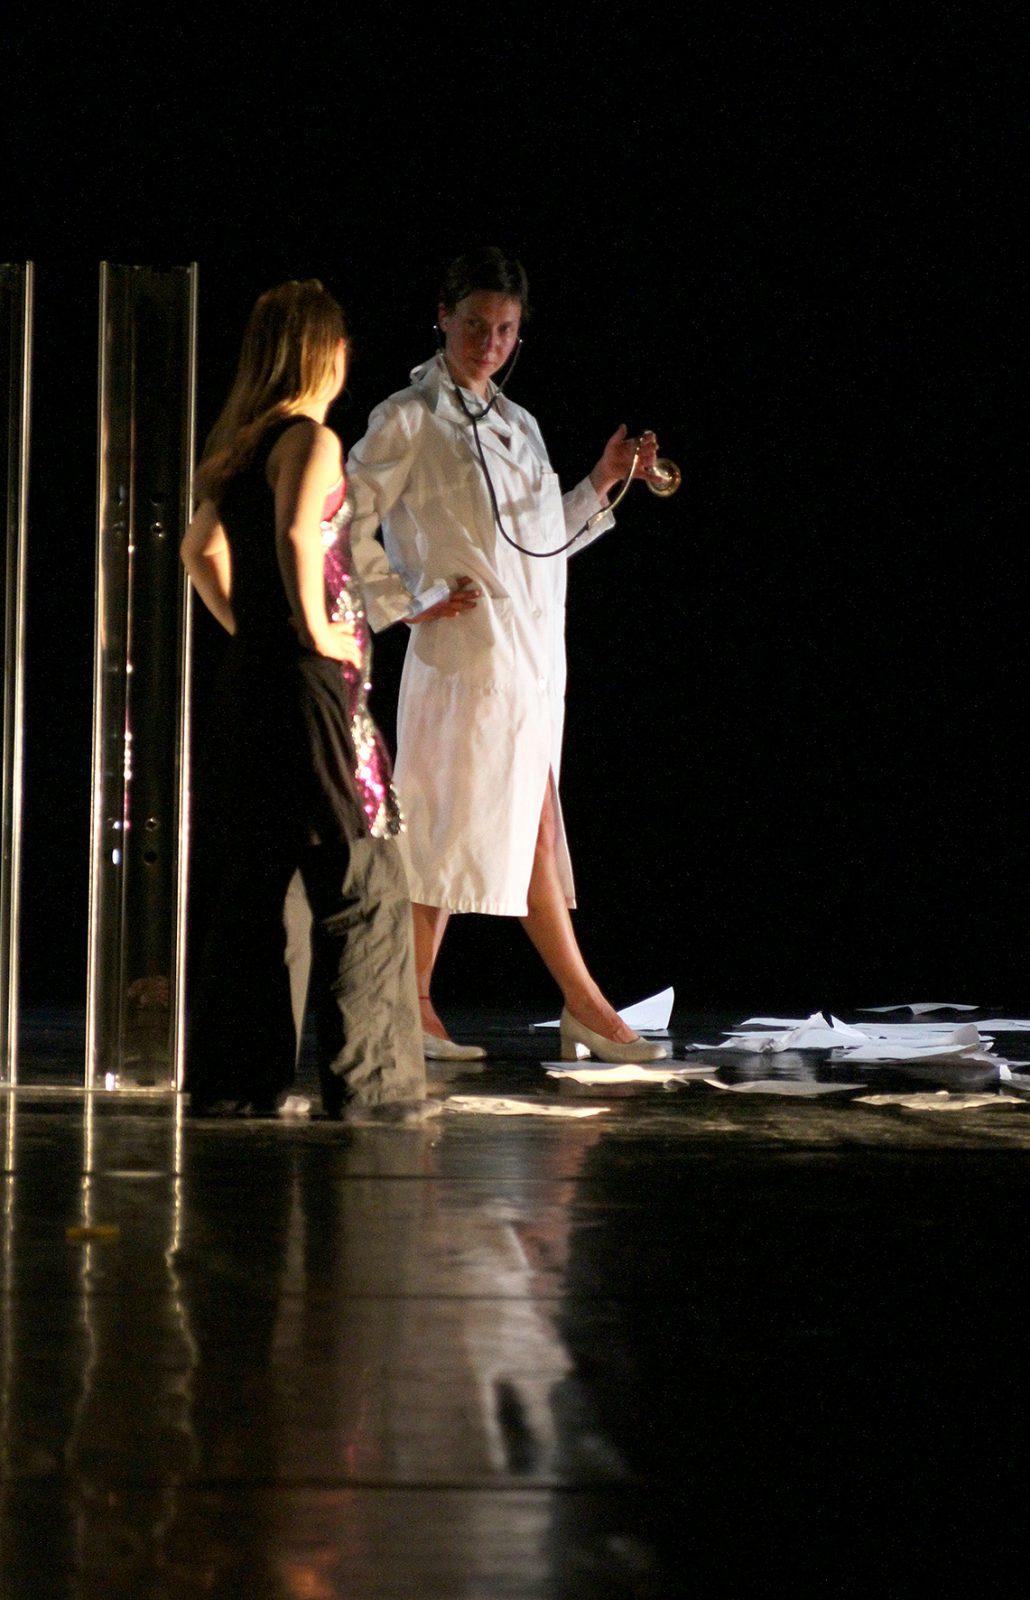 zwei Tänzerinnen gehen in eine Richtung, eine trägt einen Arztkittel